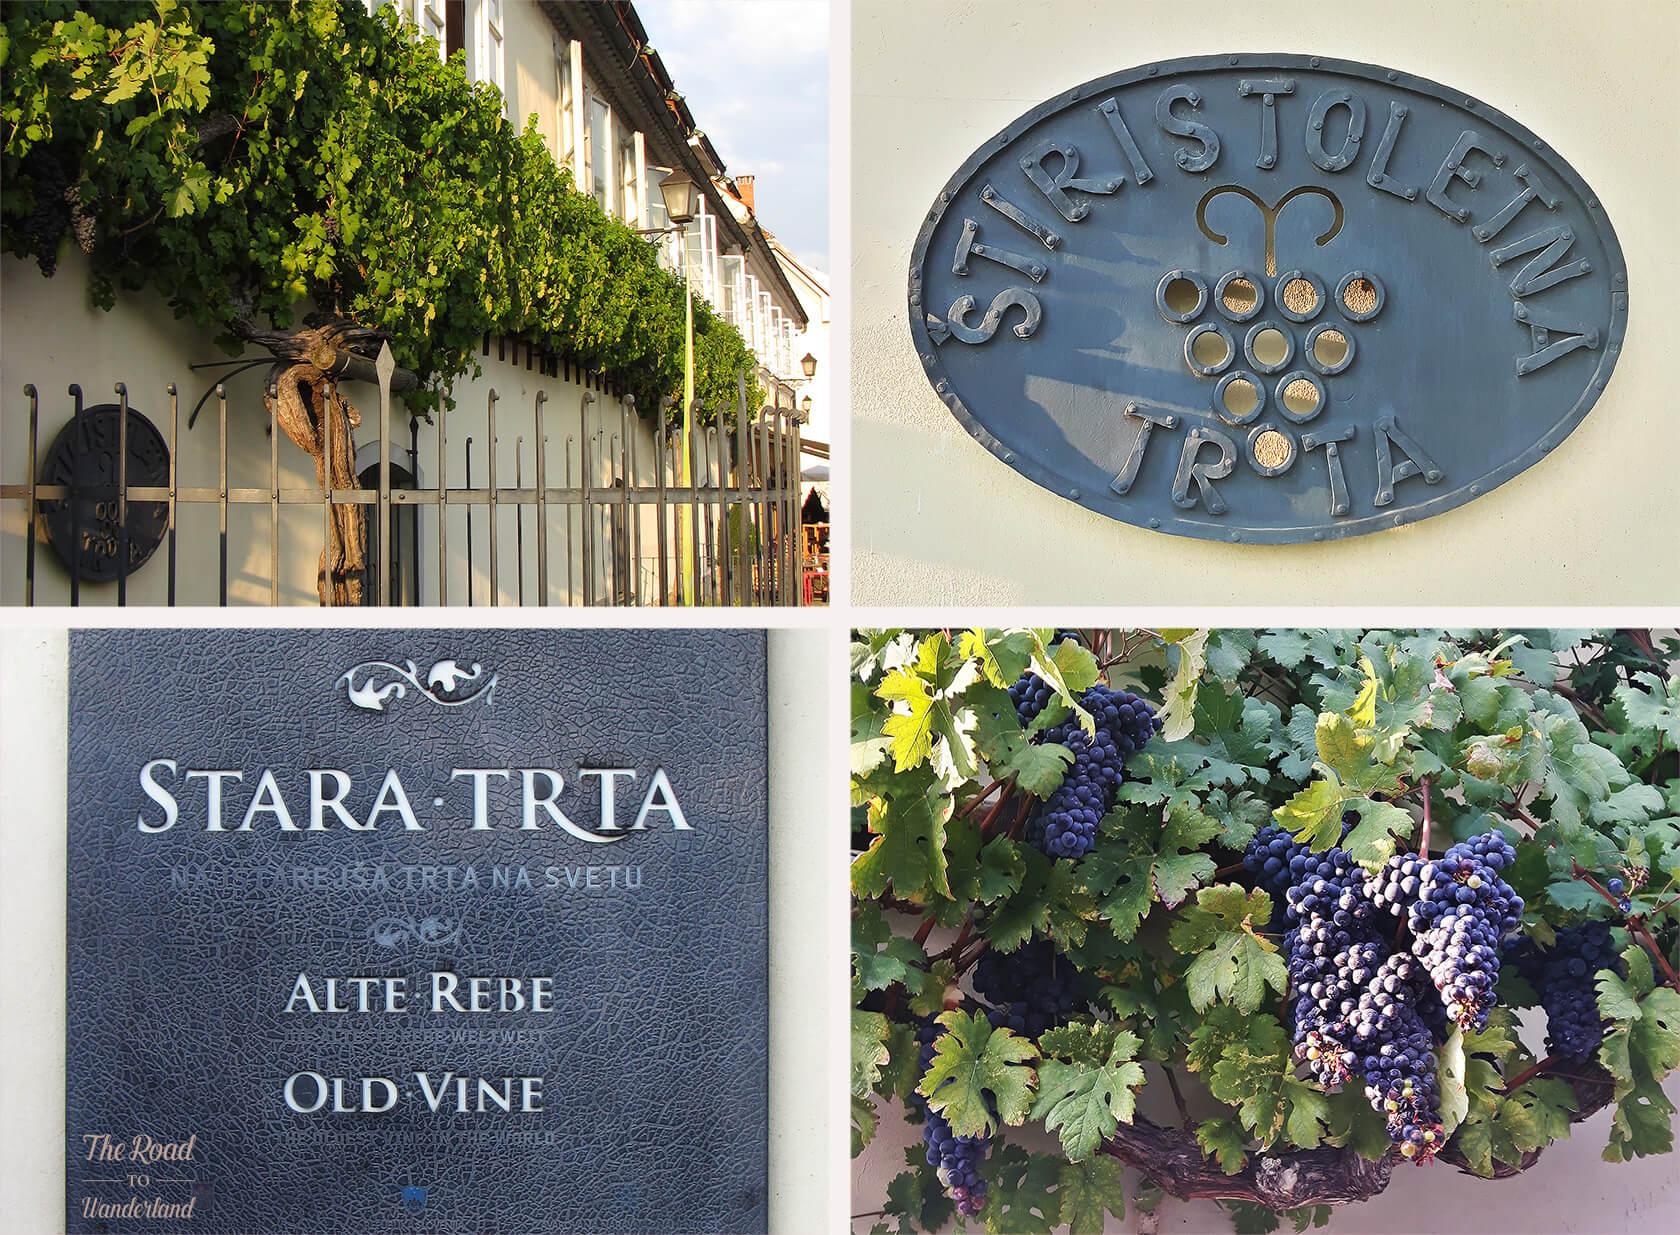 Maribor wine heritage: The Old Vine House